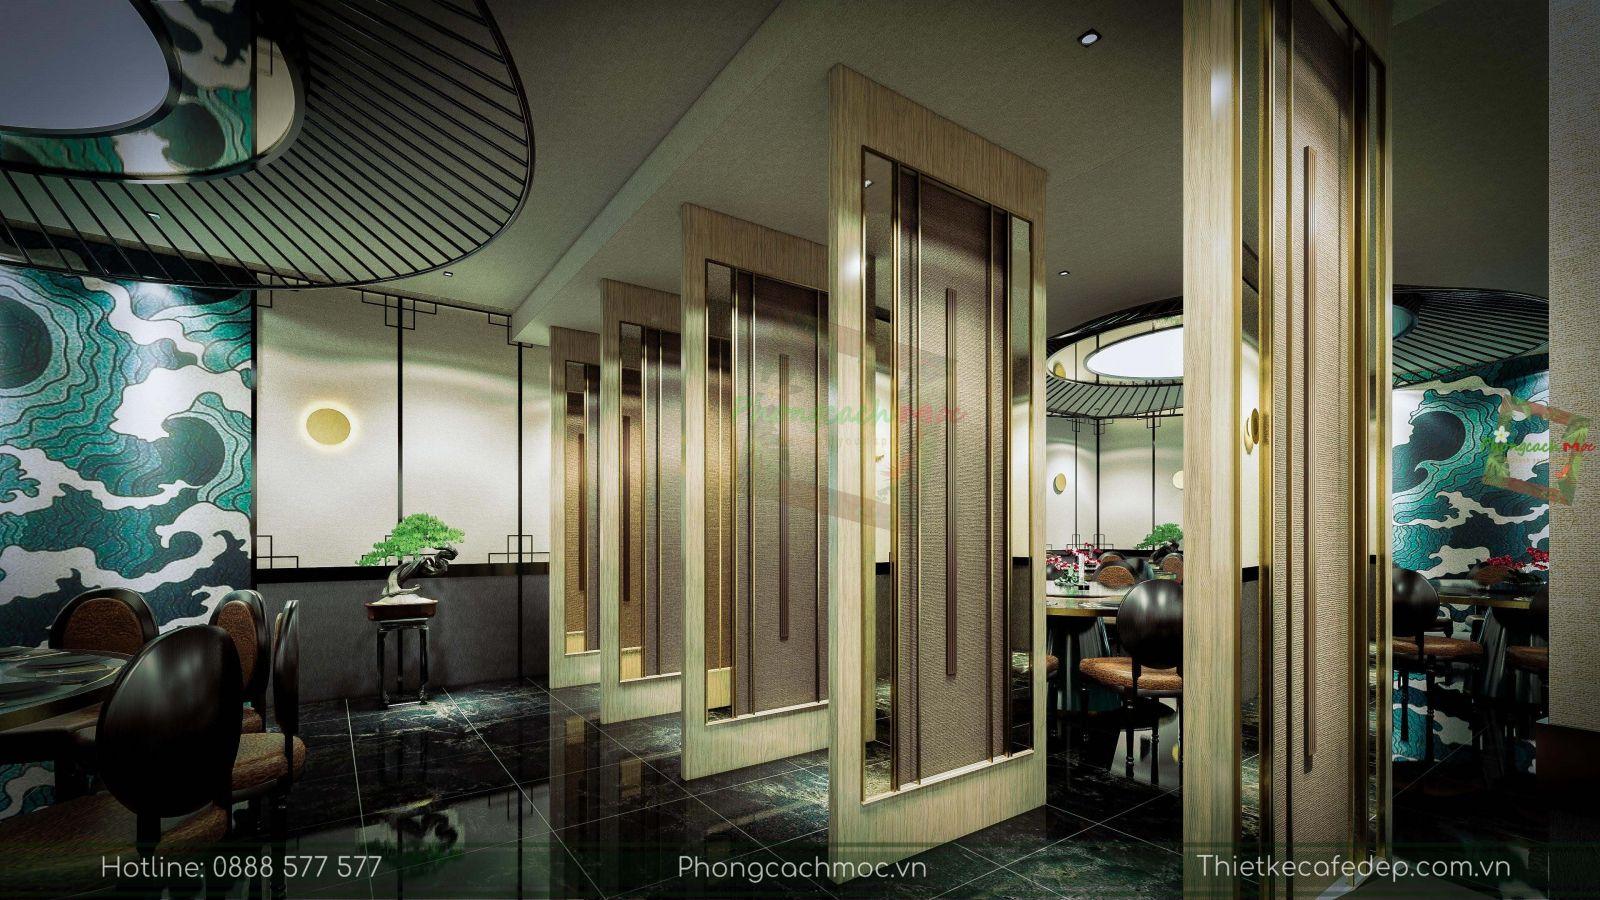 thiết kế nhà hàng trung hoa - nội thất phòng vip 1 - vách ngăn di động